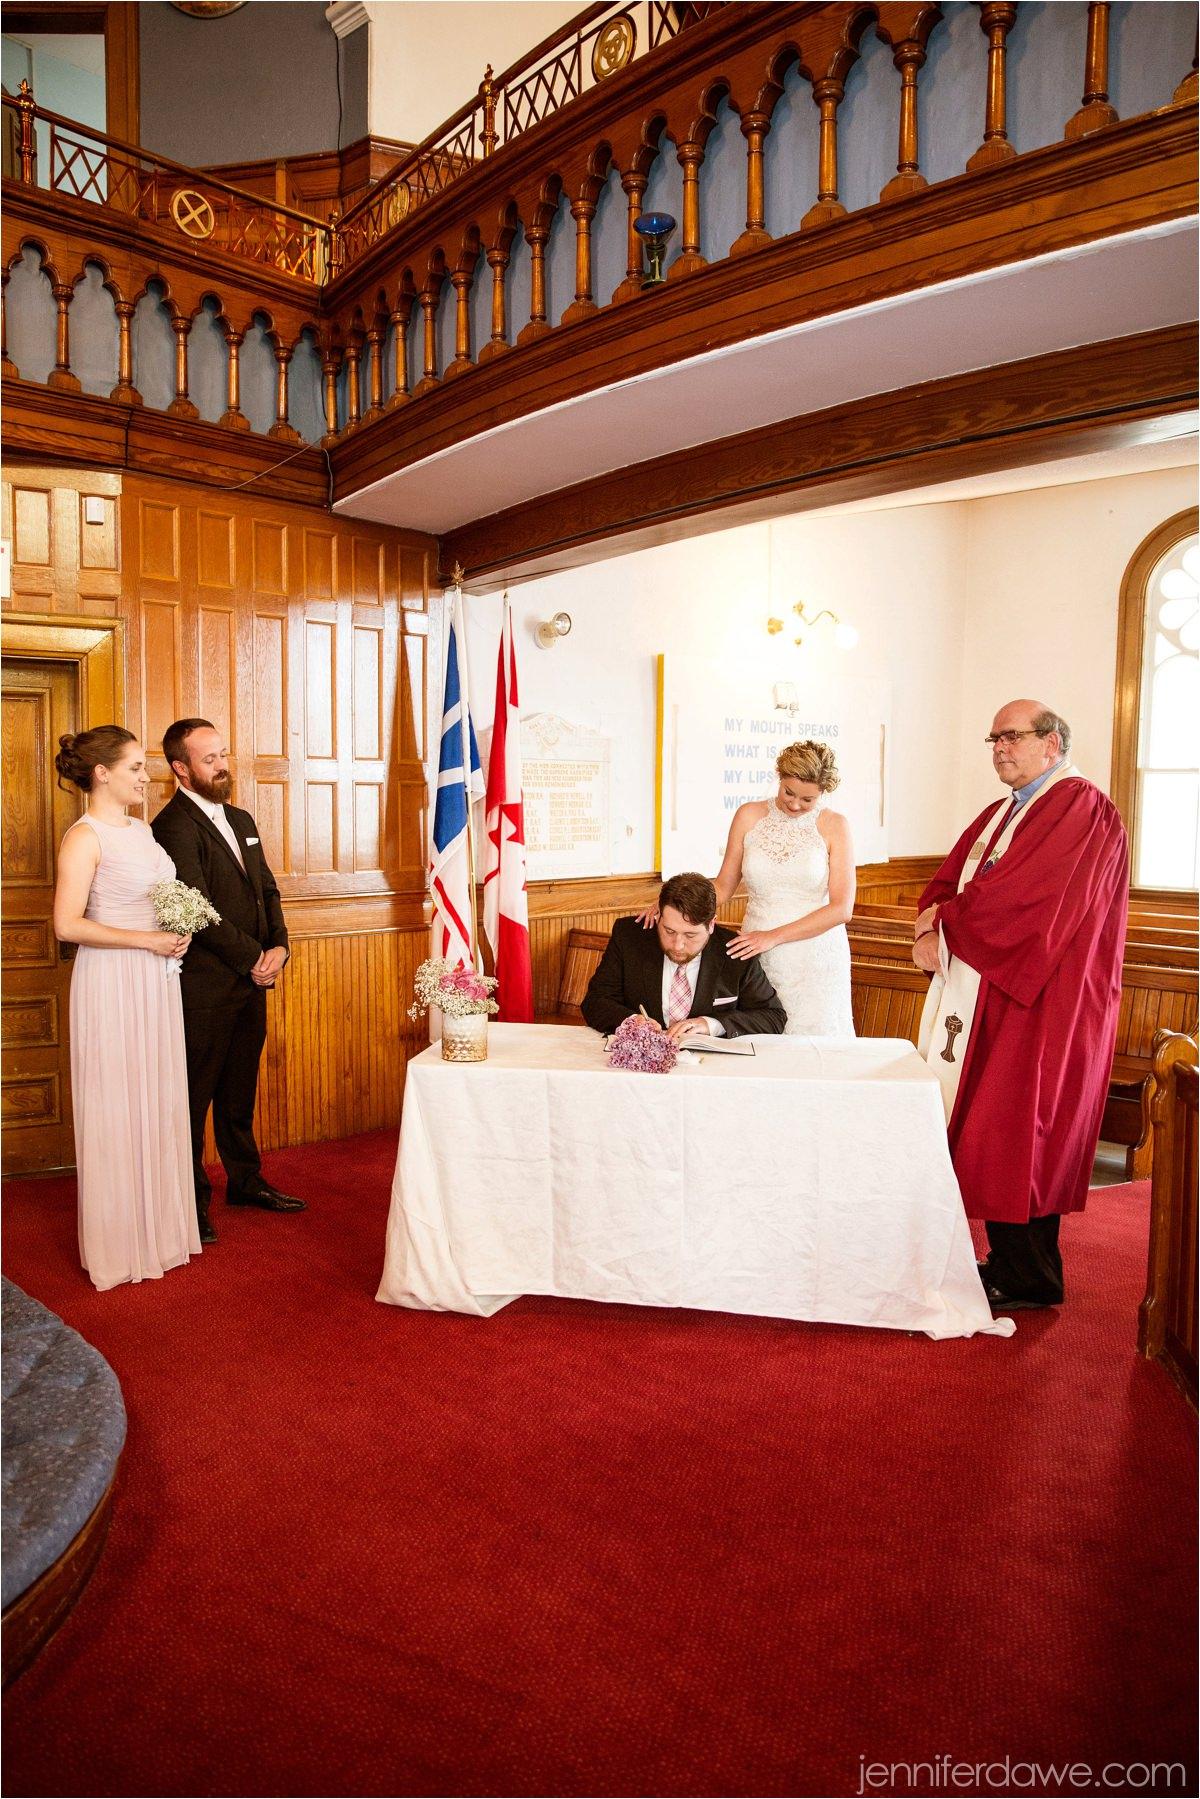 St John's Newfoundland Wedding Photographers Woodstock Wedding Best Newfoundland Wedding Photographer Jennifer Dawe Photography69